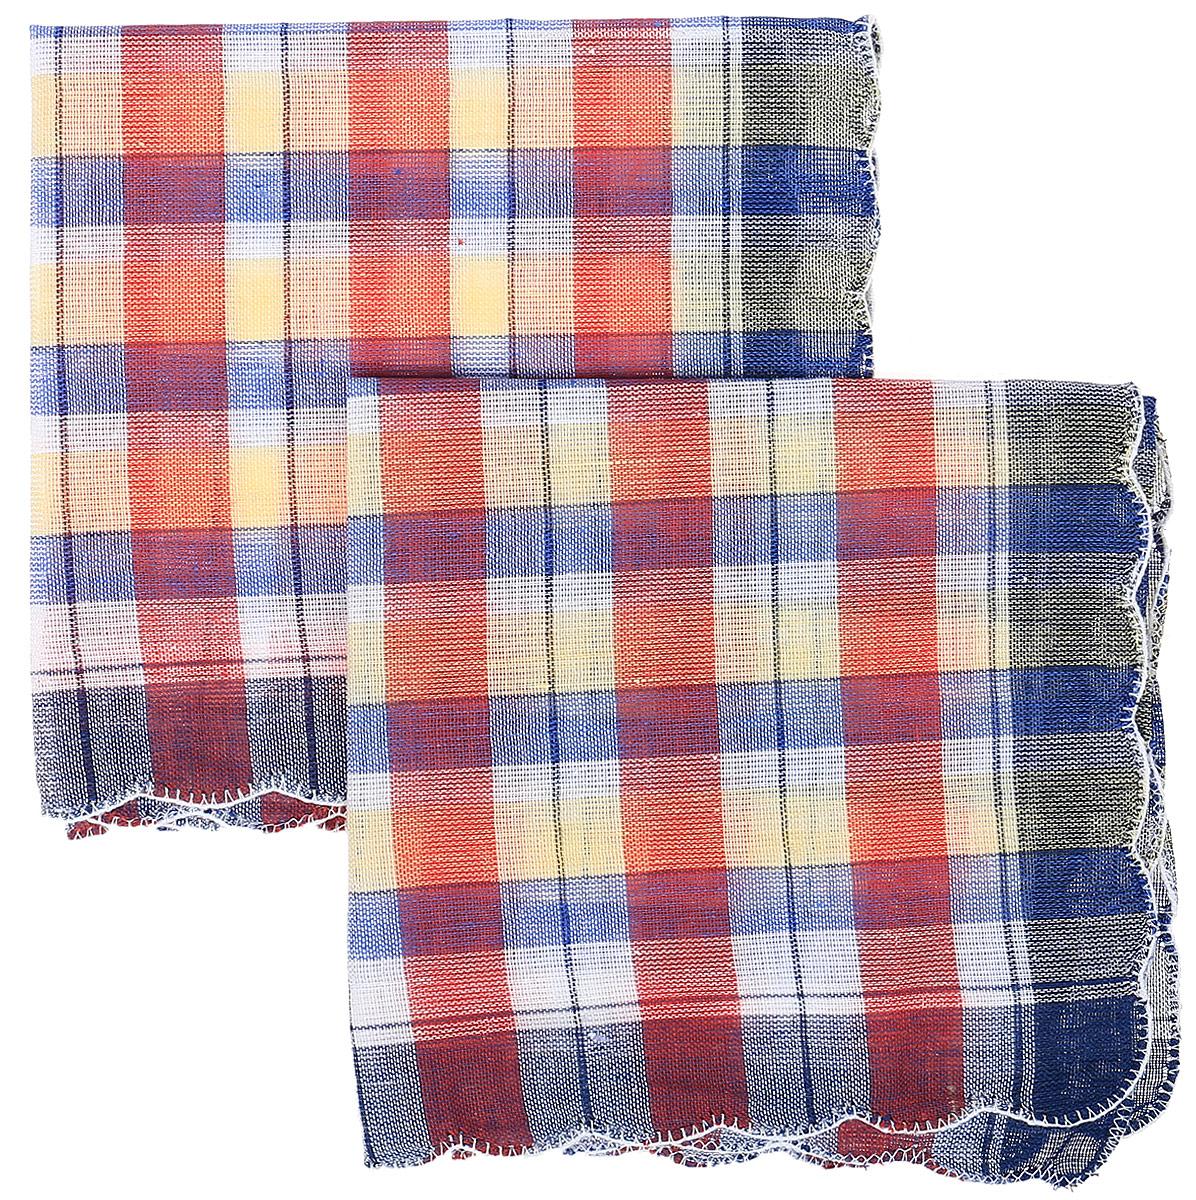 Платок носовой женский Zlata Korunka, цвет: синий, красный, желтый, 4 шт. 71417. Размер 27 х 27 см71417_синий, красный, желтыйЖенские носовые платки Zlata Korunka изготовлены из натурального хлопка, приятны в использовании, хорошо стираются, материал не садится и отлично впитывает влагу. В упаковке 4 штуки.